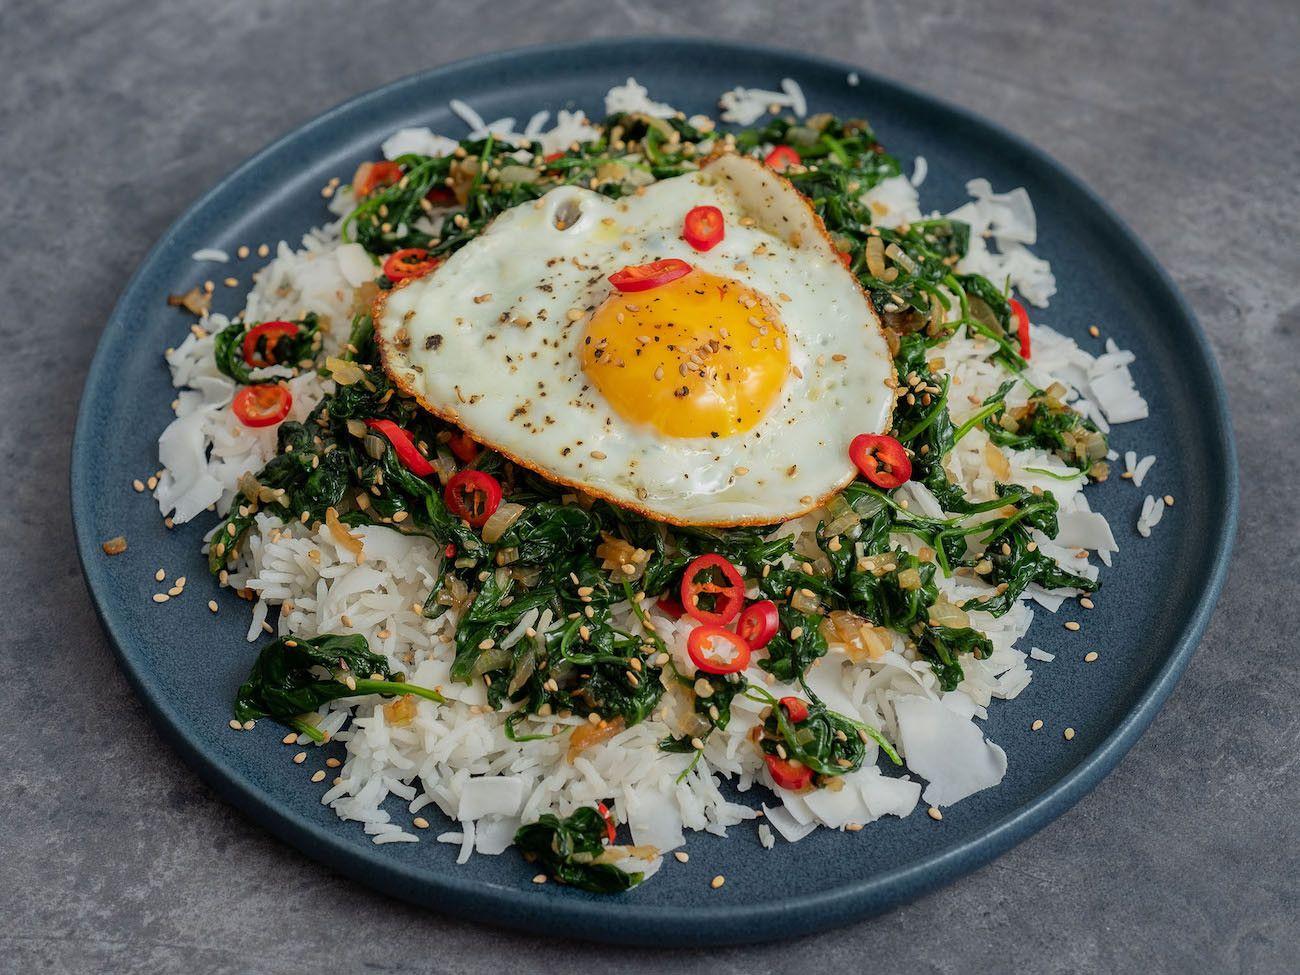 Foodblog About Fuel, Rezept Kokosreis mit Sesam-Spinat und Spigelei, Teller, Chili